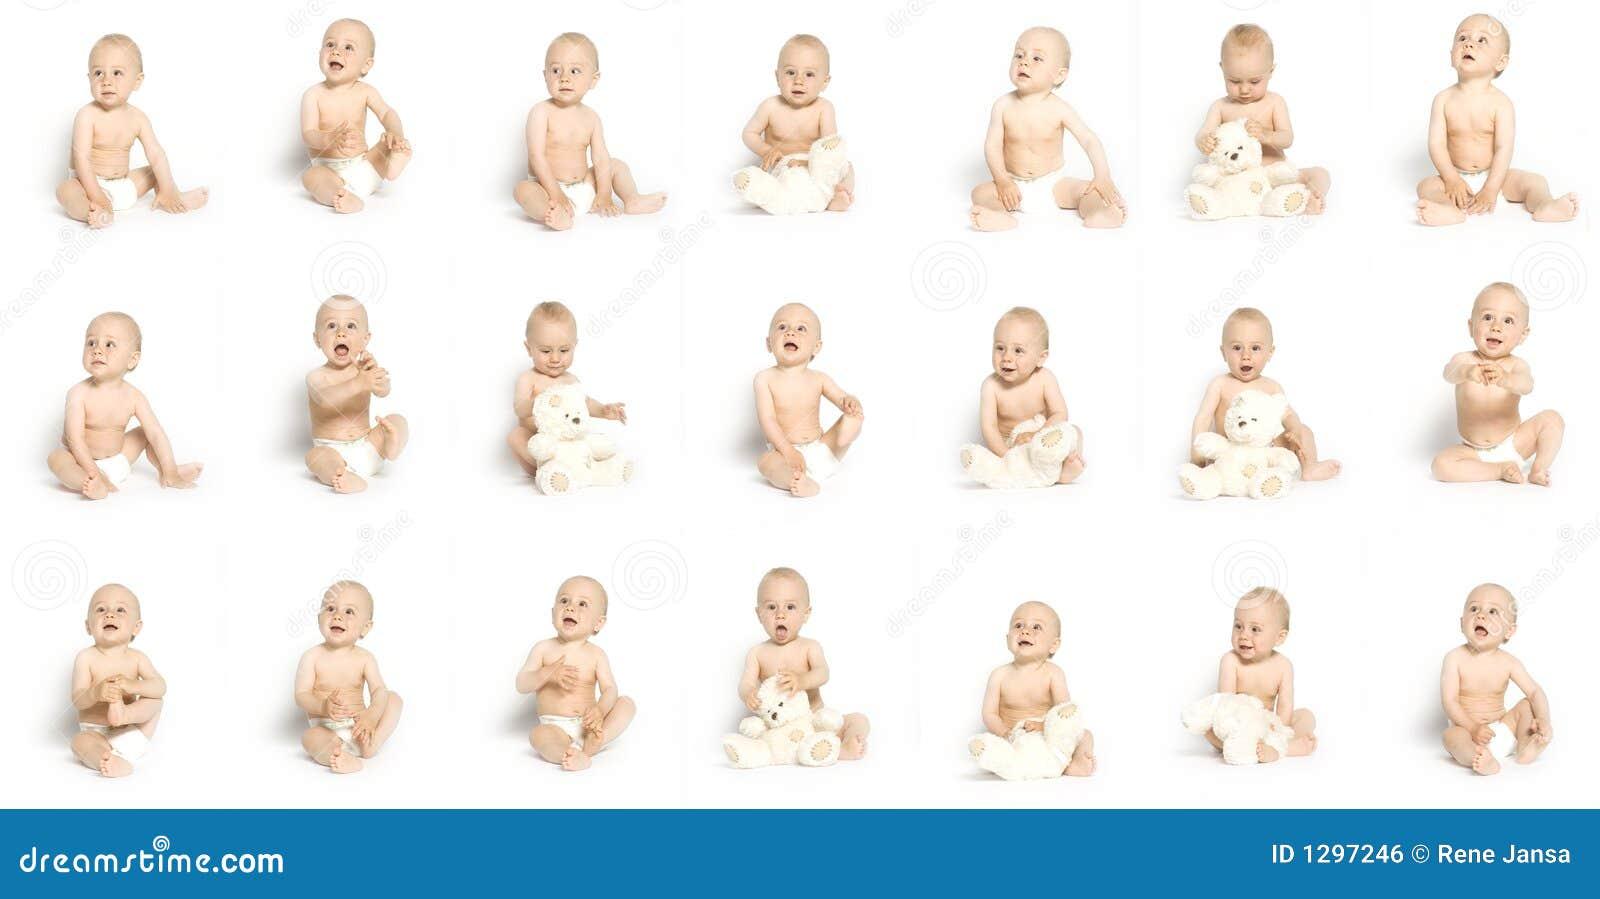 21 faces of boy